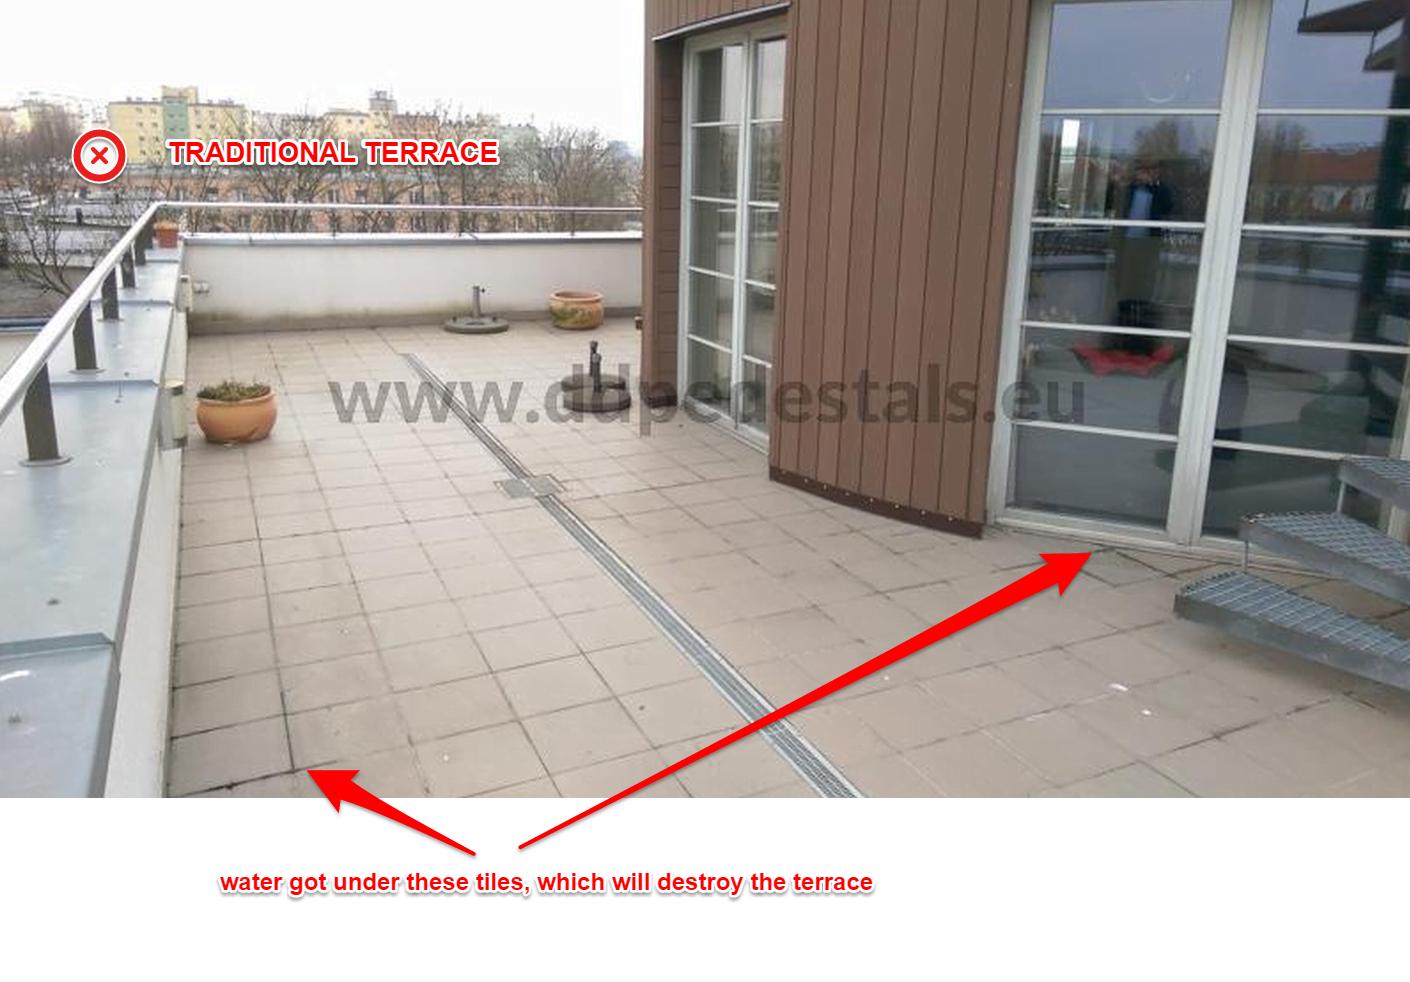 Renovation - terrace - falling - tiles - repair